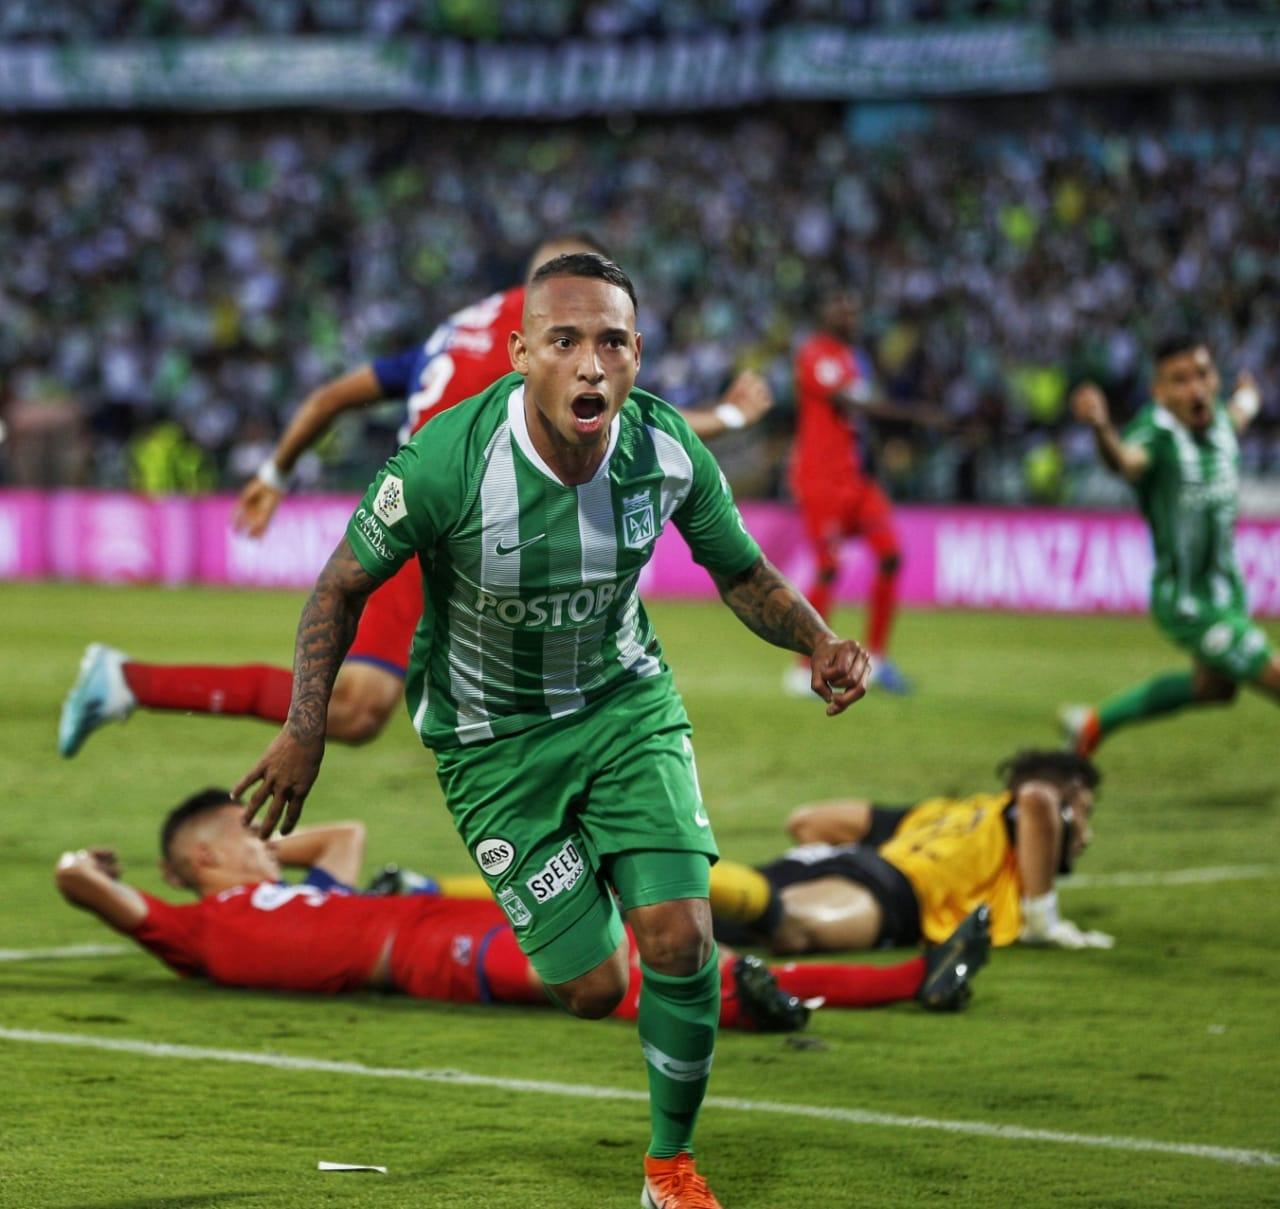 Accidente de tránsito entre futbolistas del Nacional y Yeison Jiménez